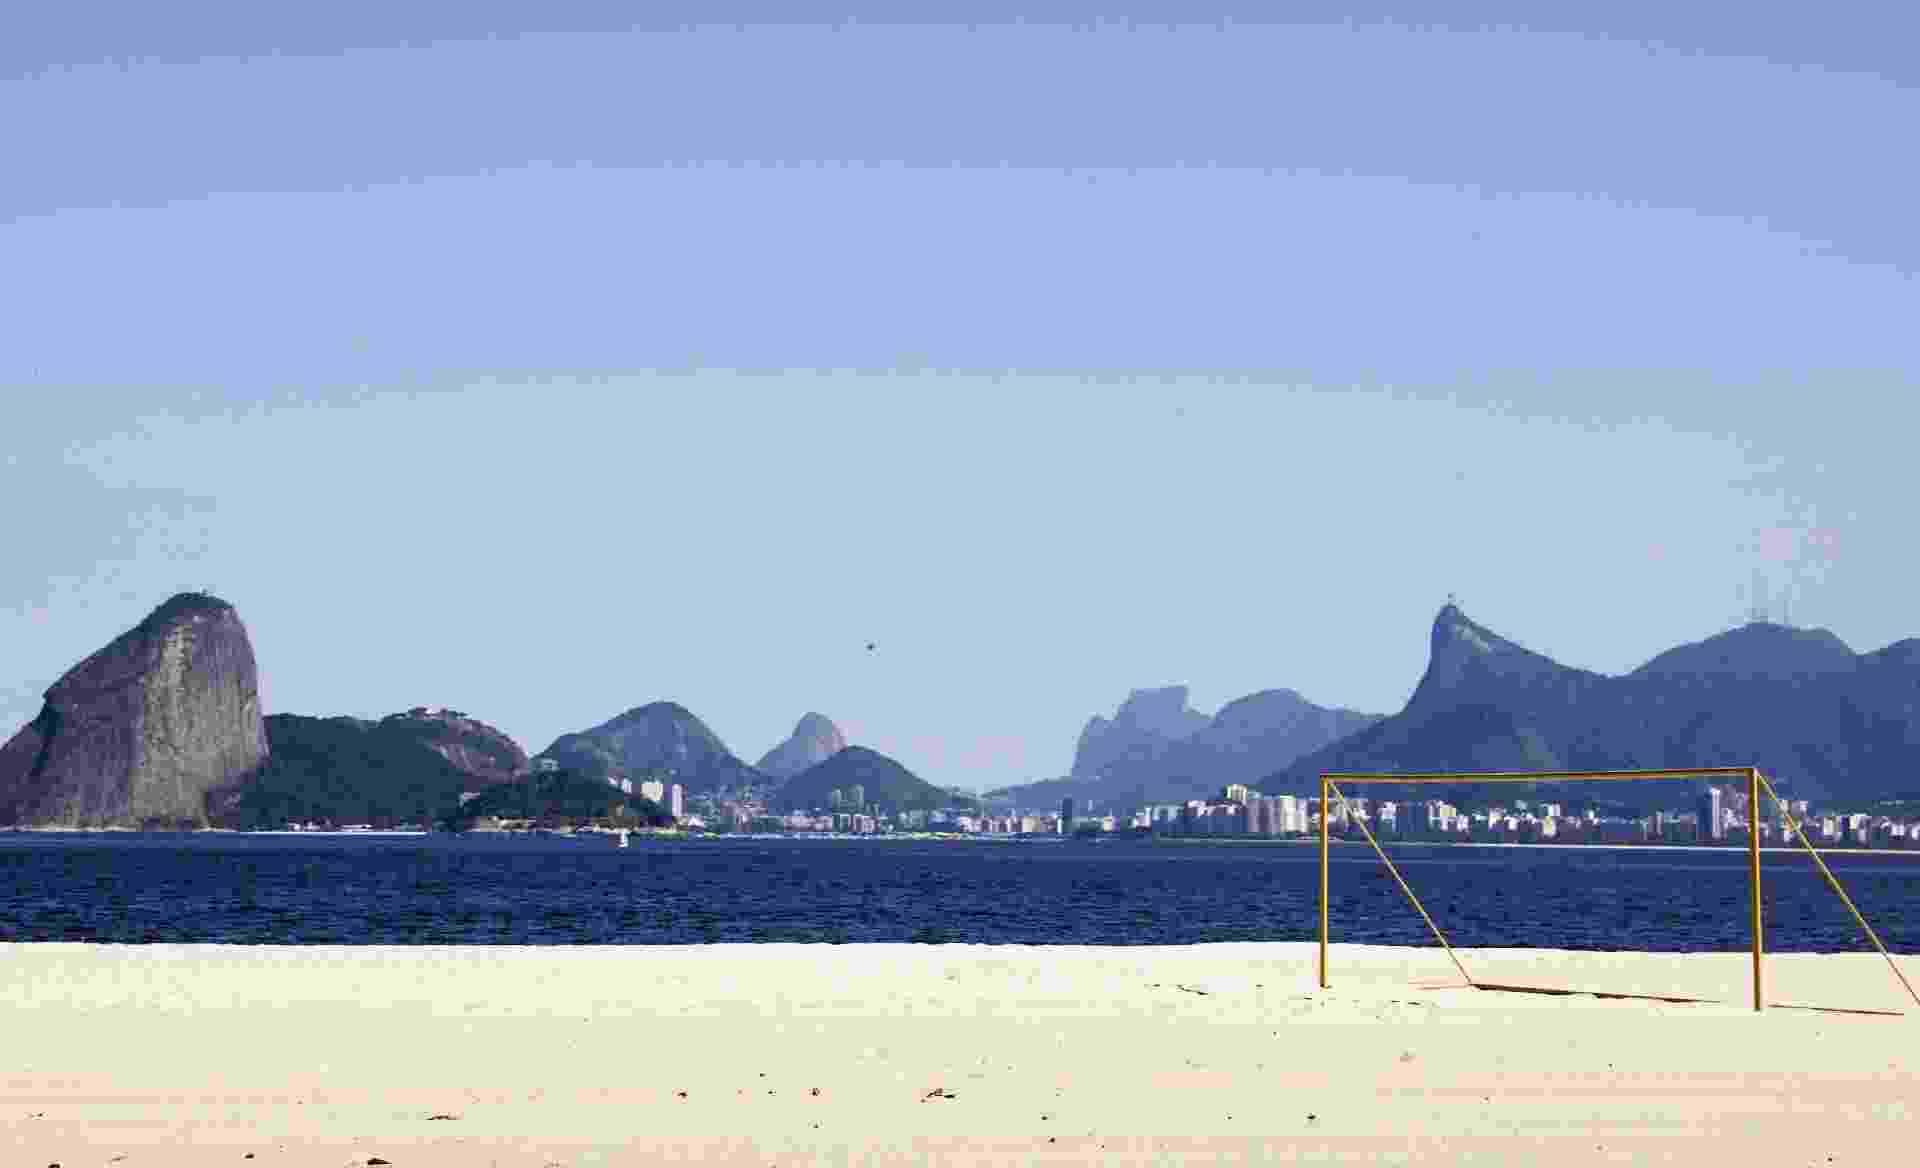 Vista da praia de Icaraí, com o horizonte do Rio de Janeiro em segundo plano, na cidade de Niterói, durante seu primeiro dia de lockdown - RICARDO MORAES/REUTERS